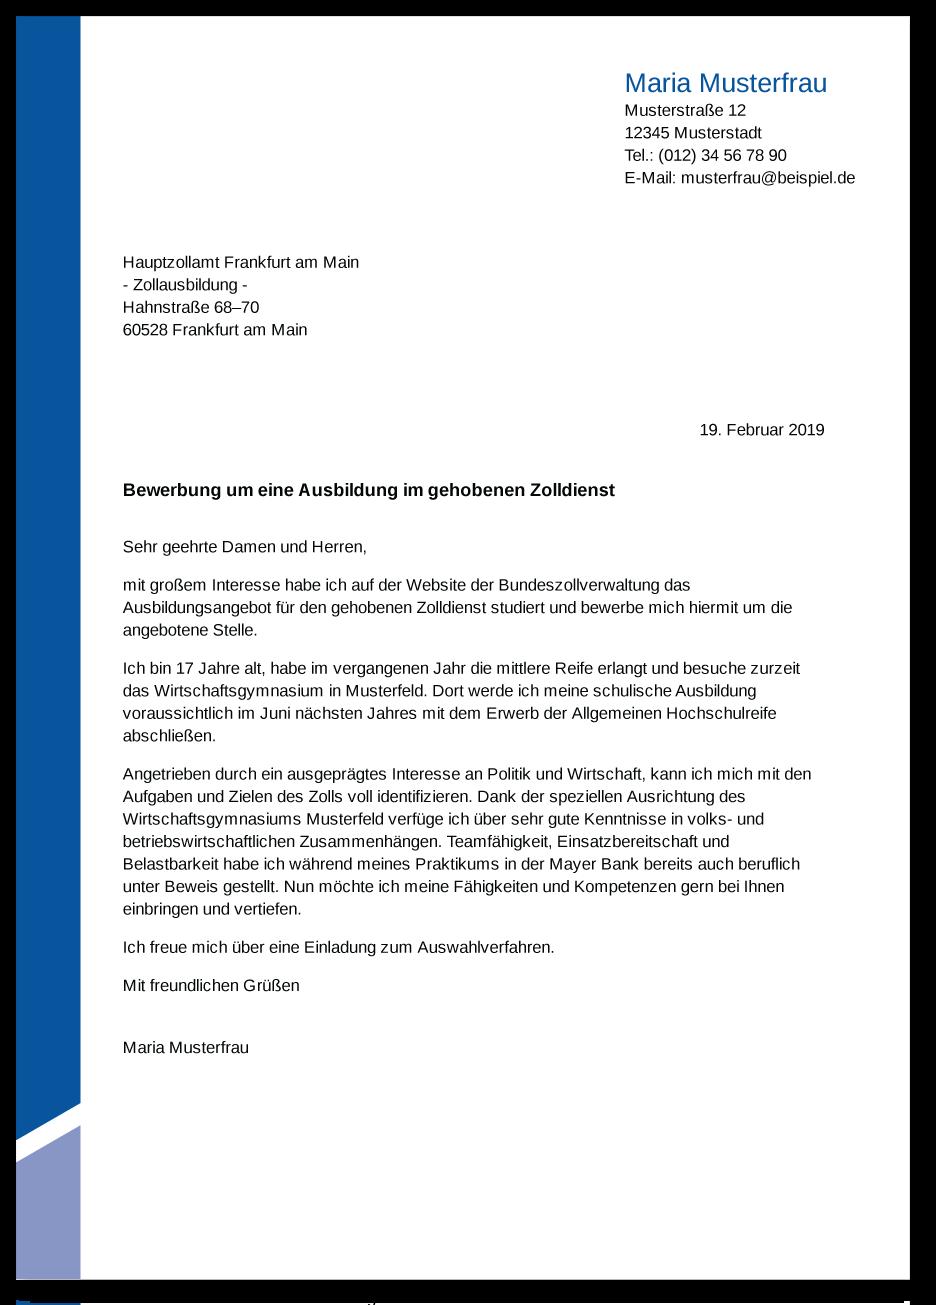 Die Bewerbung zur Ausbildung: Zoll - Ausbildungspark Verlag